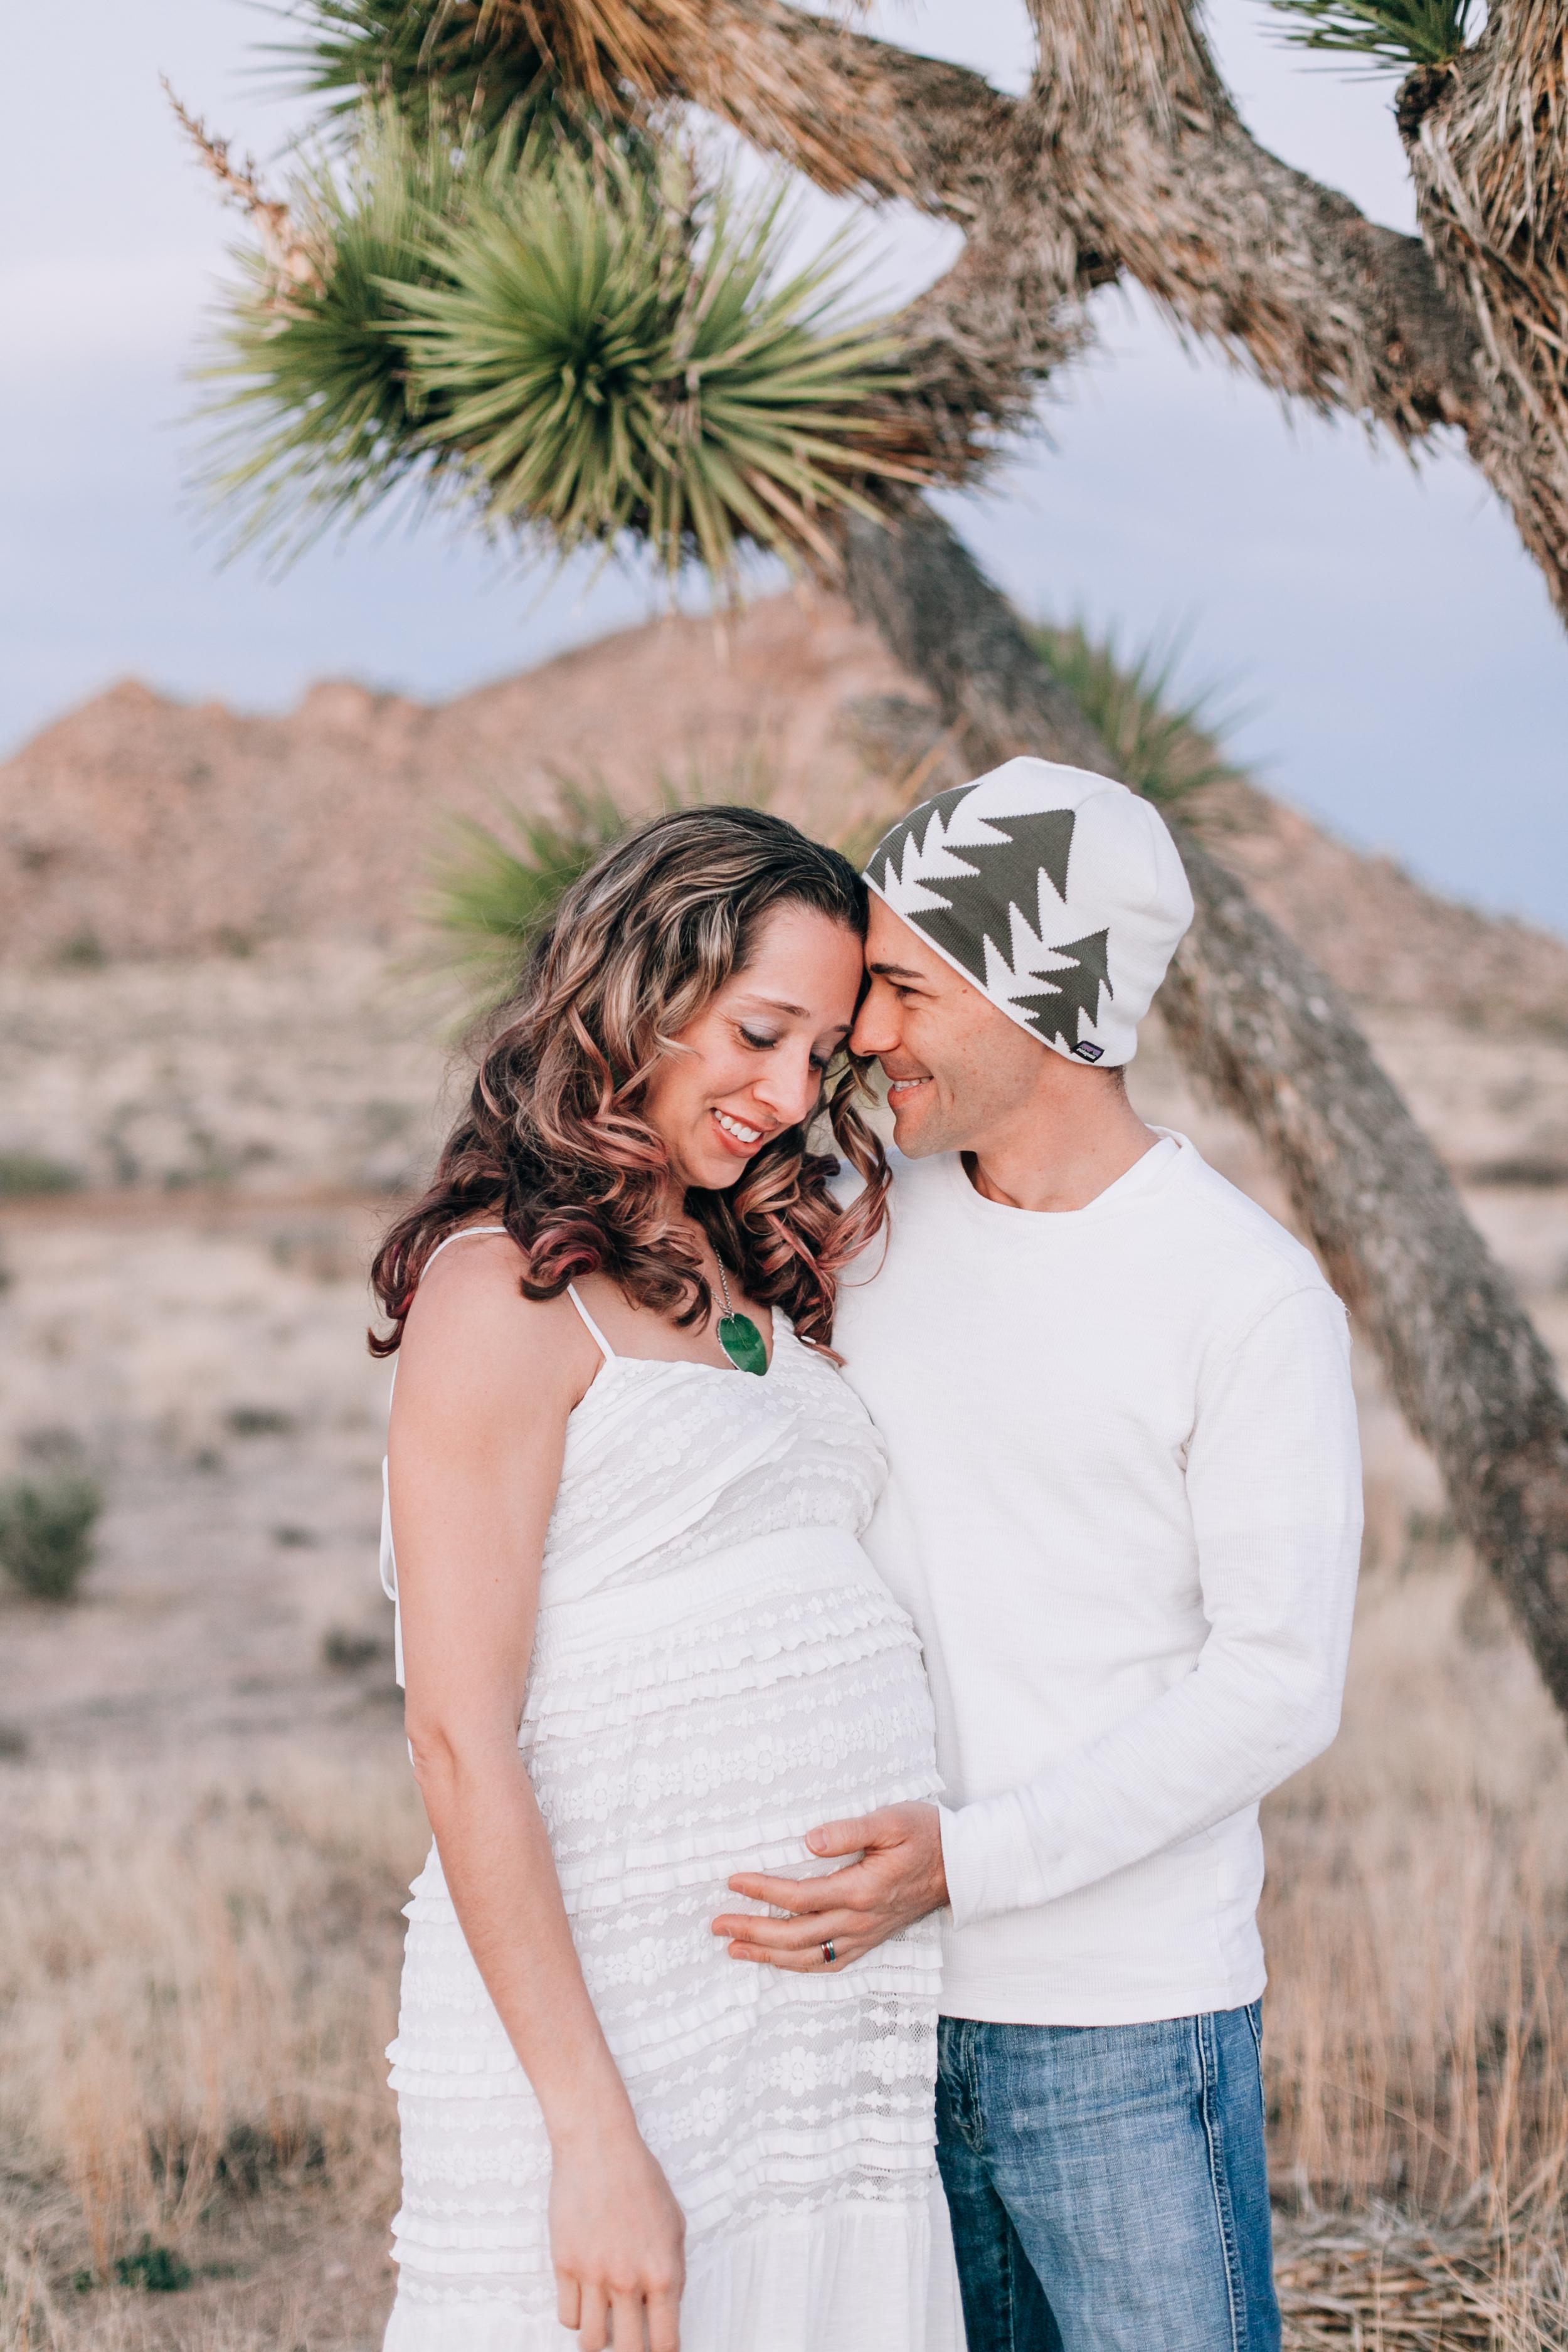 KaraNixonWeddings-JoshuaTree-Maternity-4.jpg